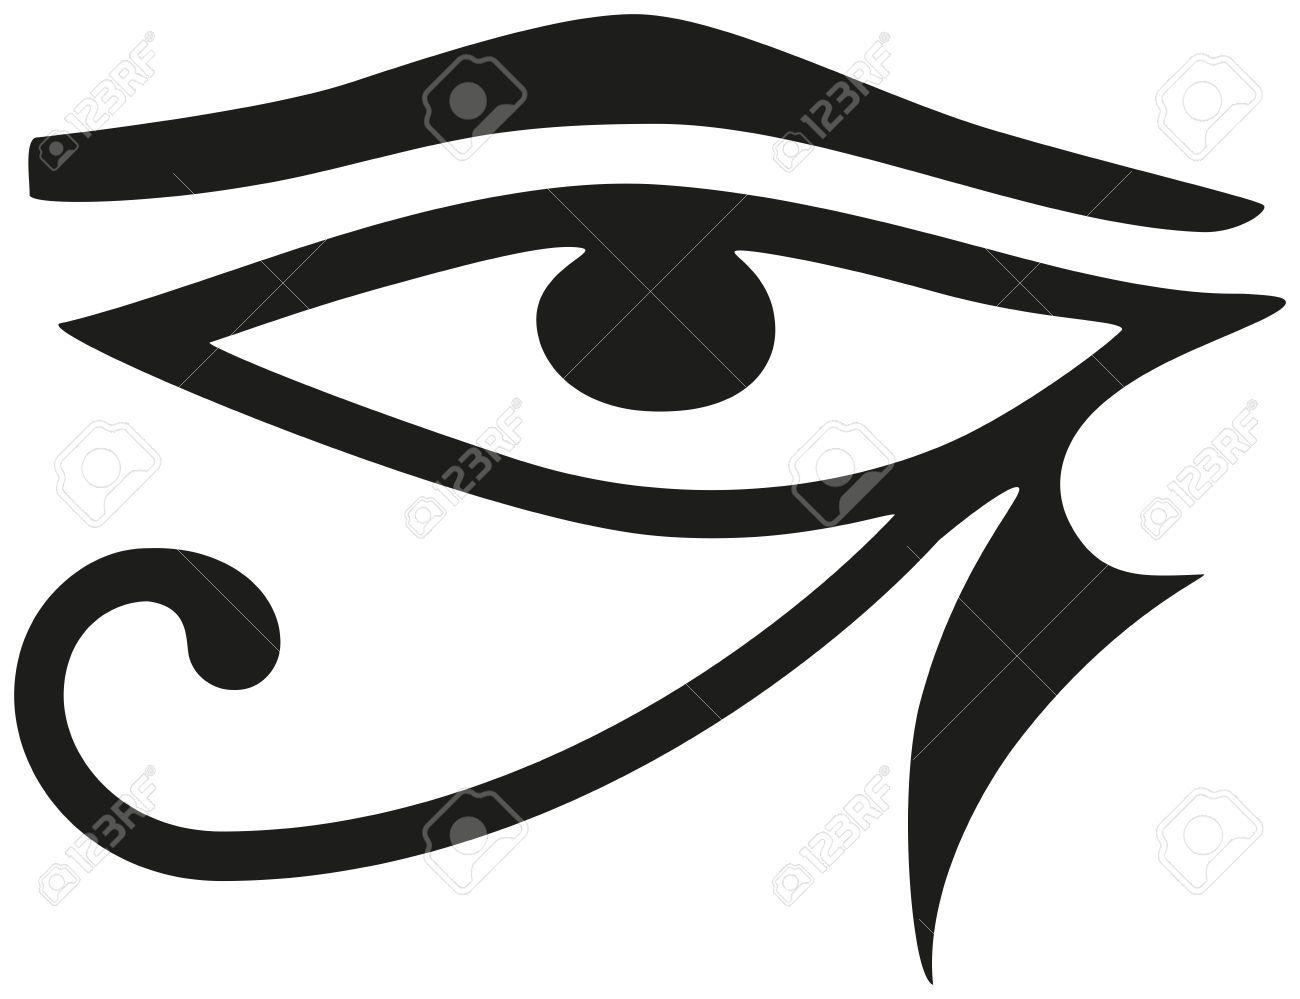 Hyroglifics Eye - Google Search